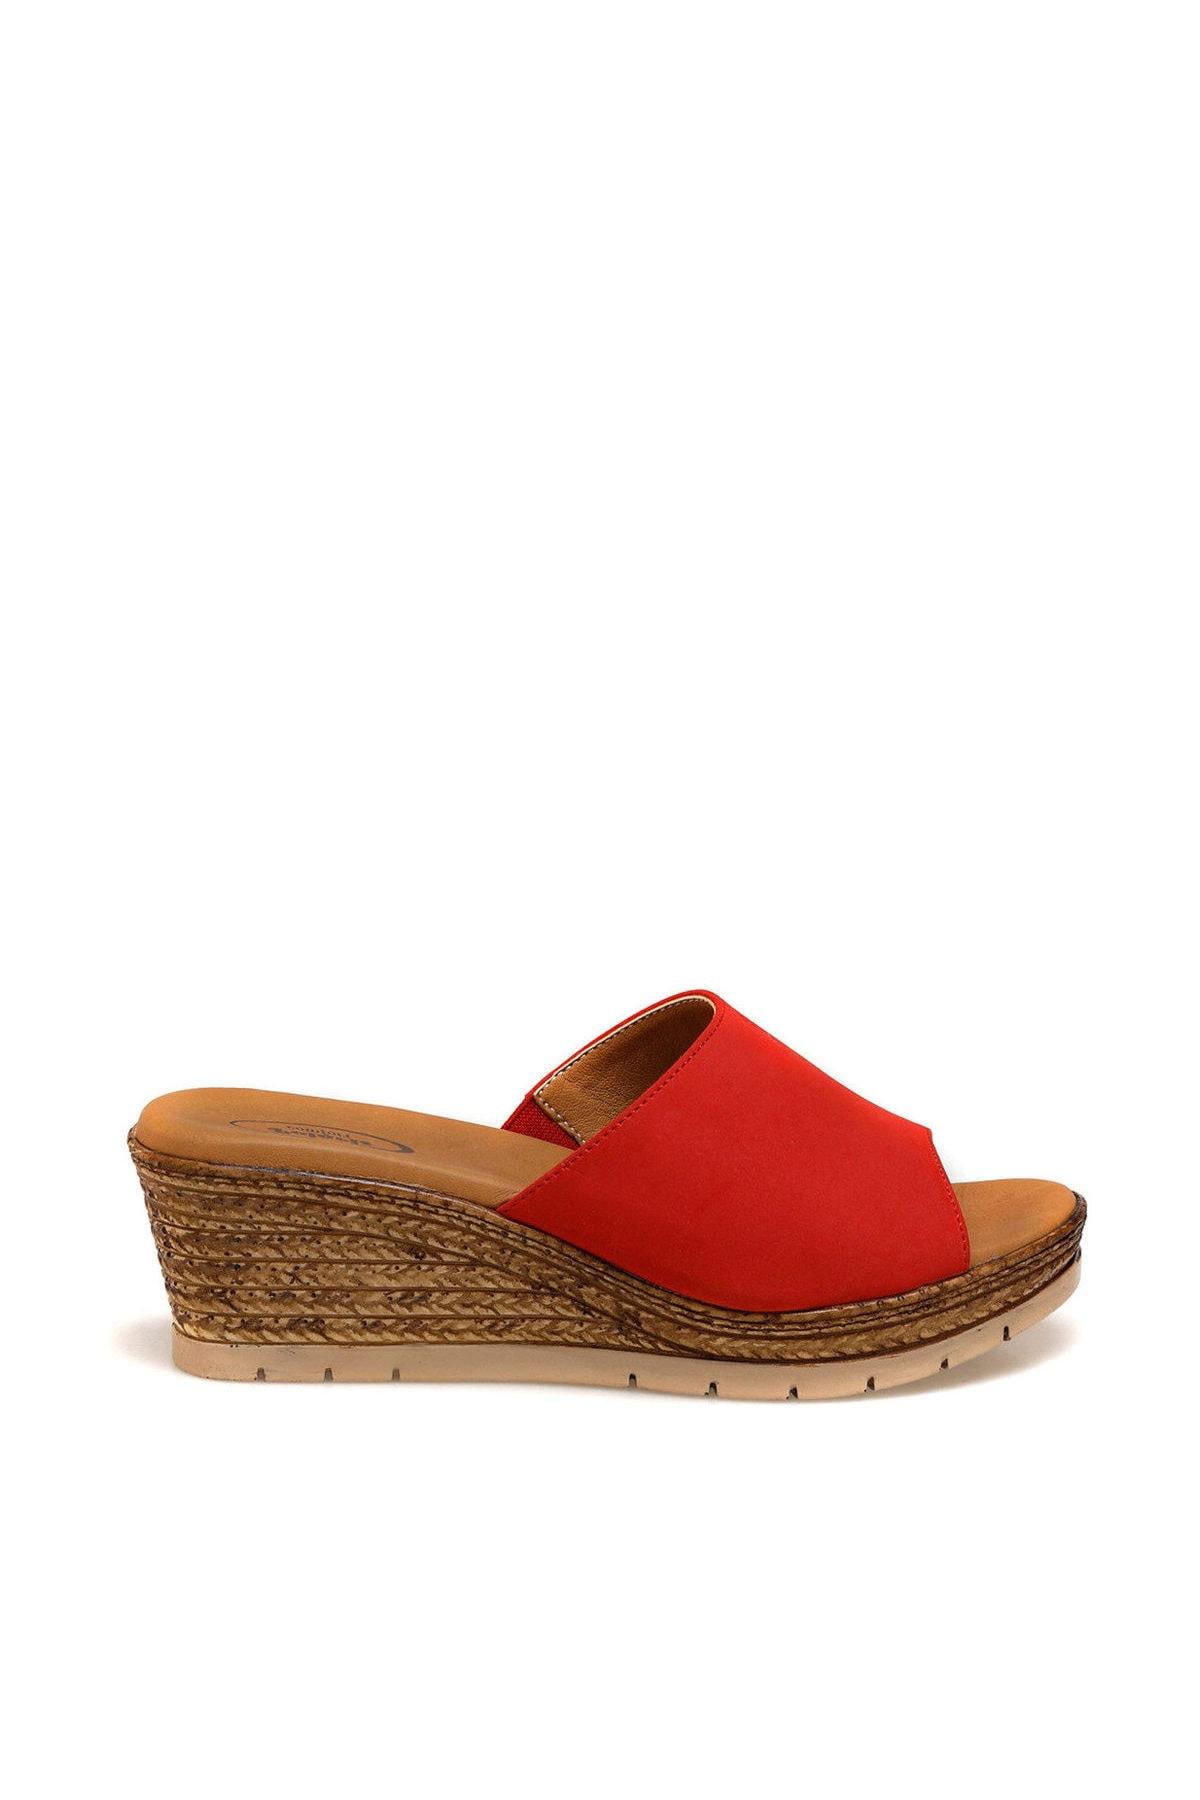 Polaris 161174.Z Kırmızı Kadın Sandalet 100509650 2